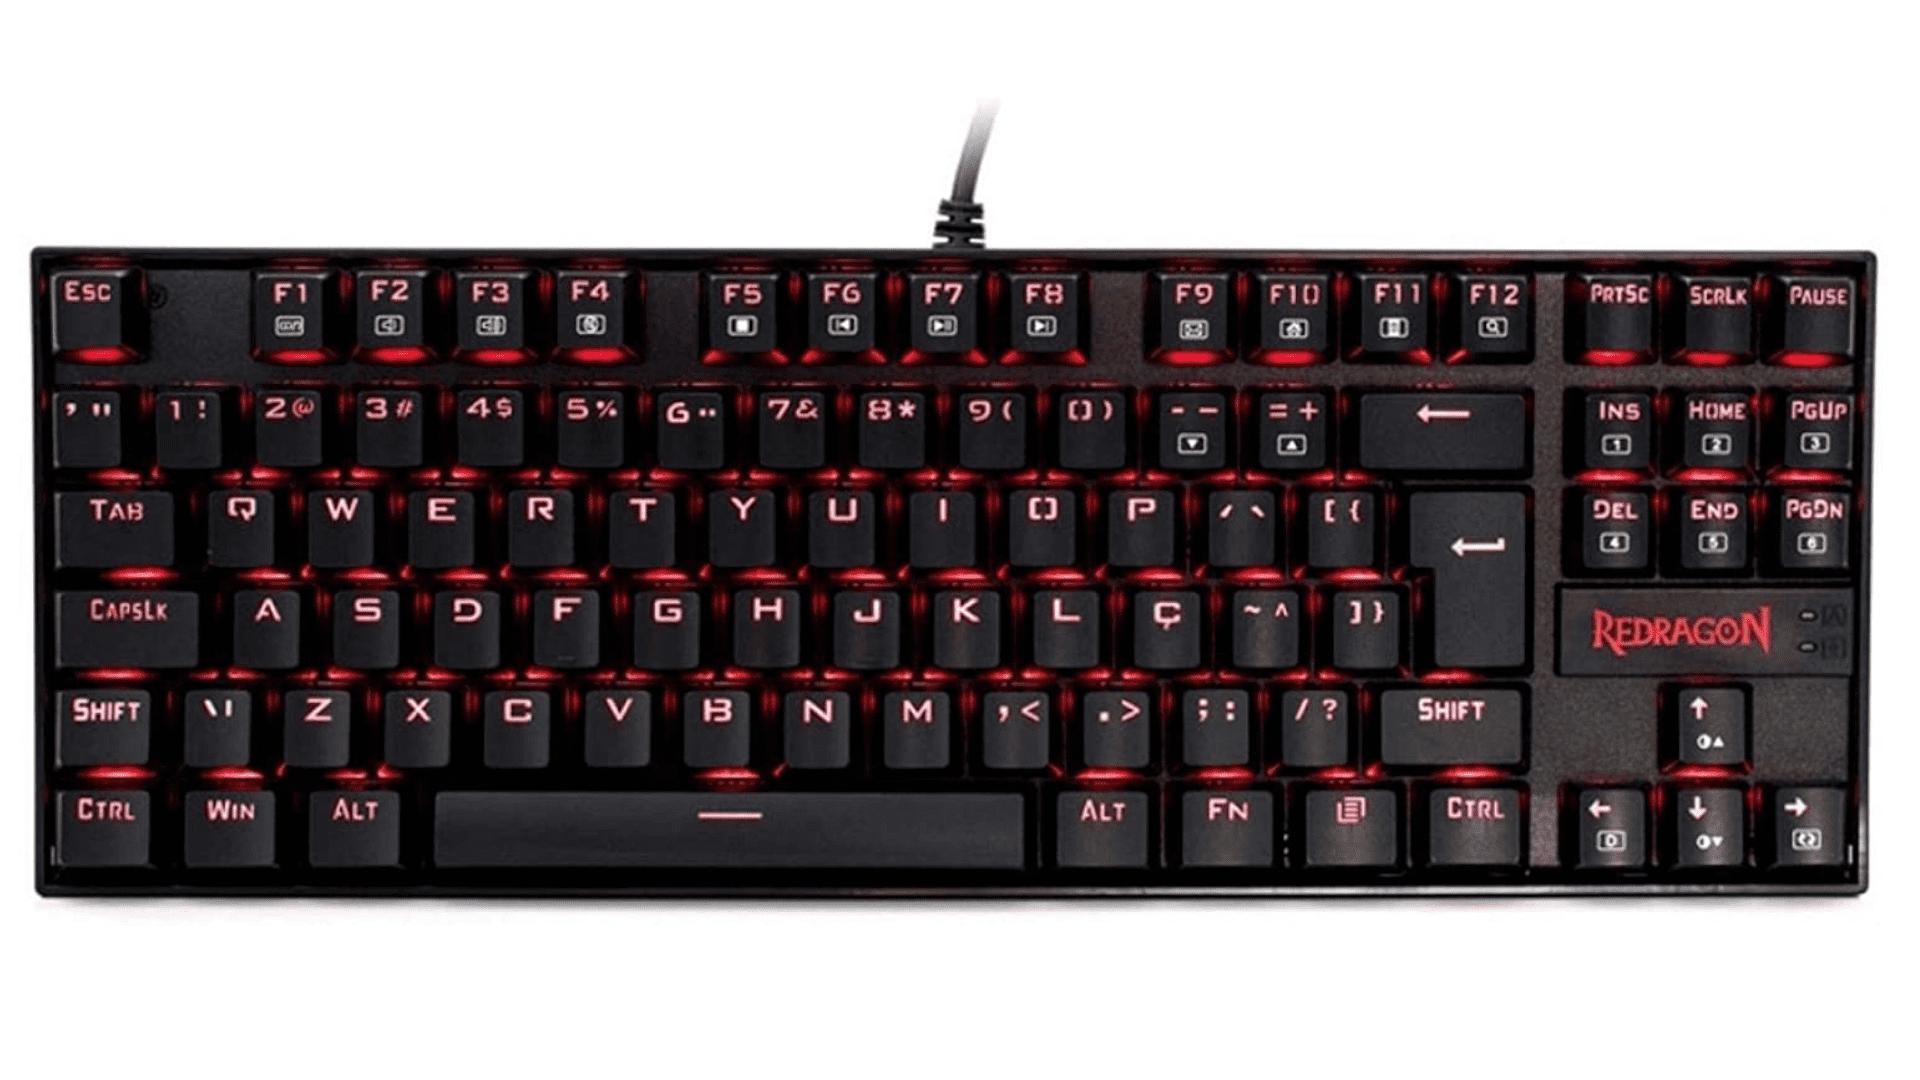 O teclado gamer mecânico barato Kumara K552-2 tem opções com switches diferentes para escolher o seu predileto (Foto: Divulgação/Redragon)